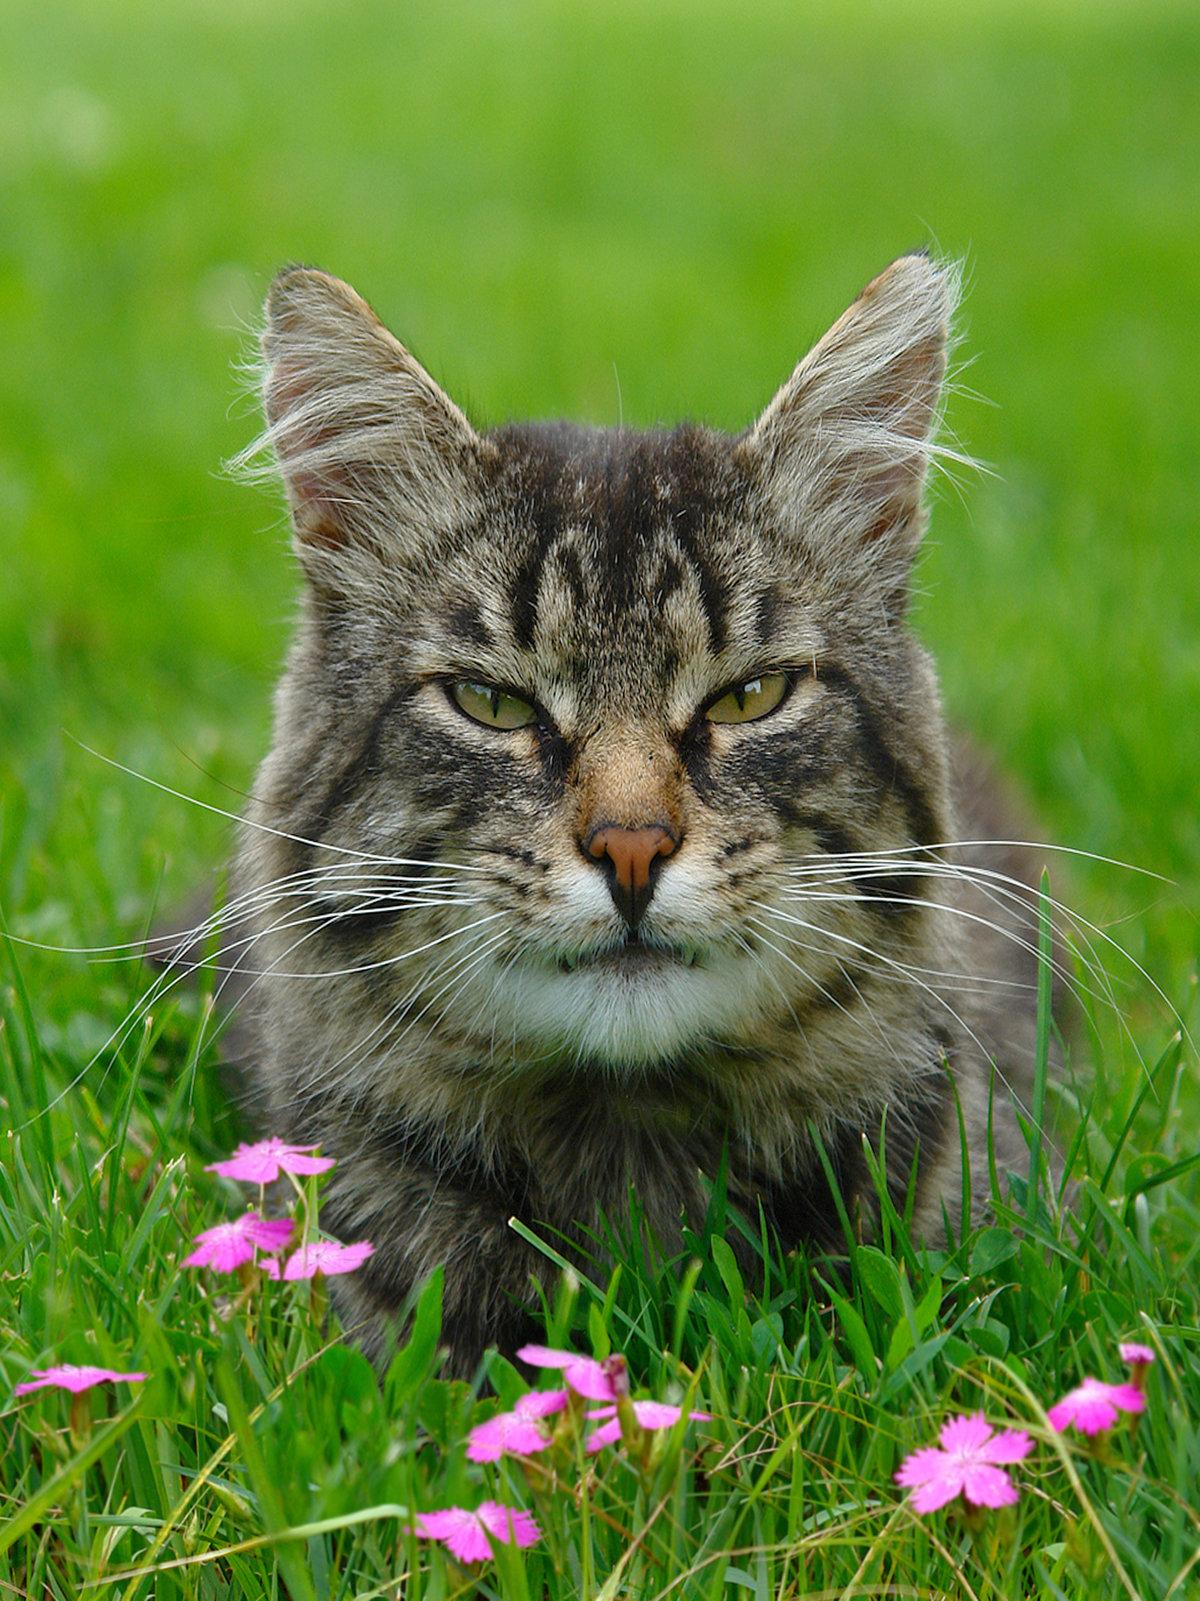 куда загрузить фото кошек задача усложнится, будем